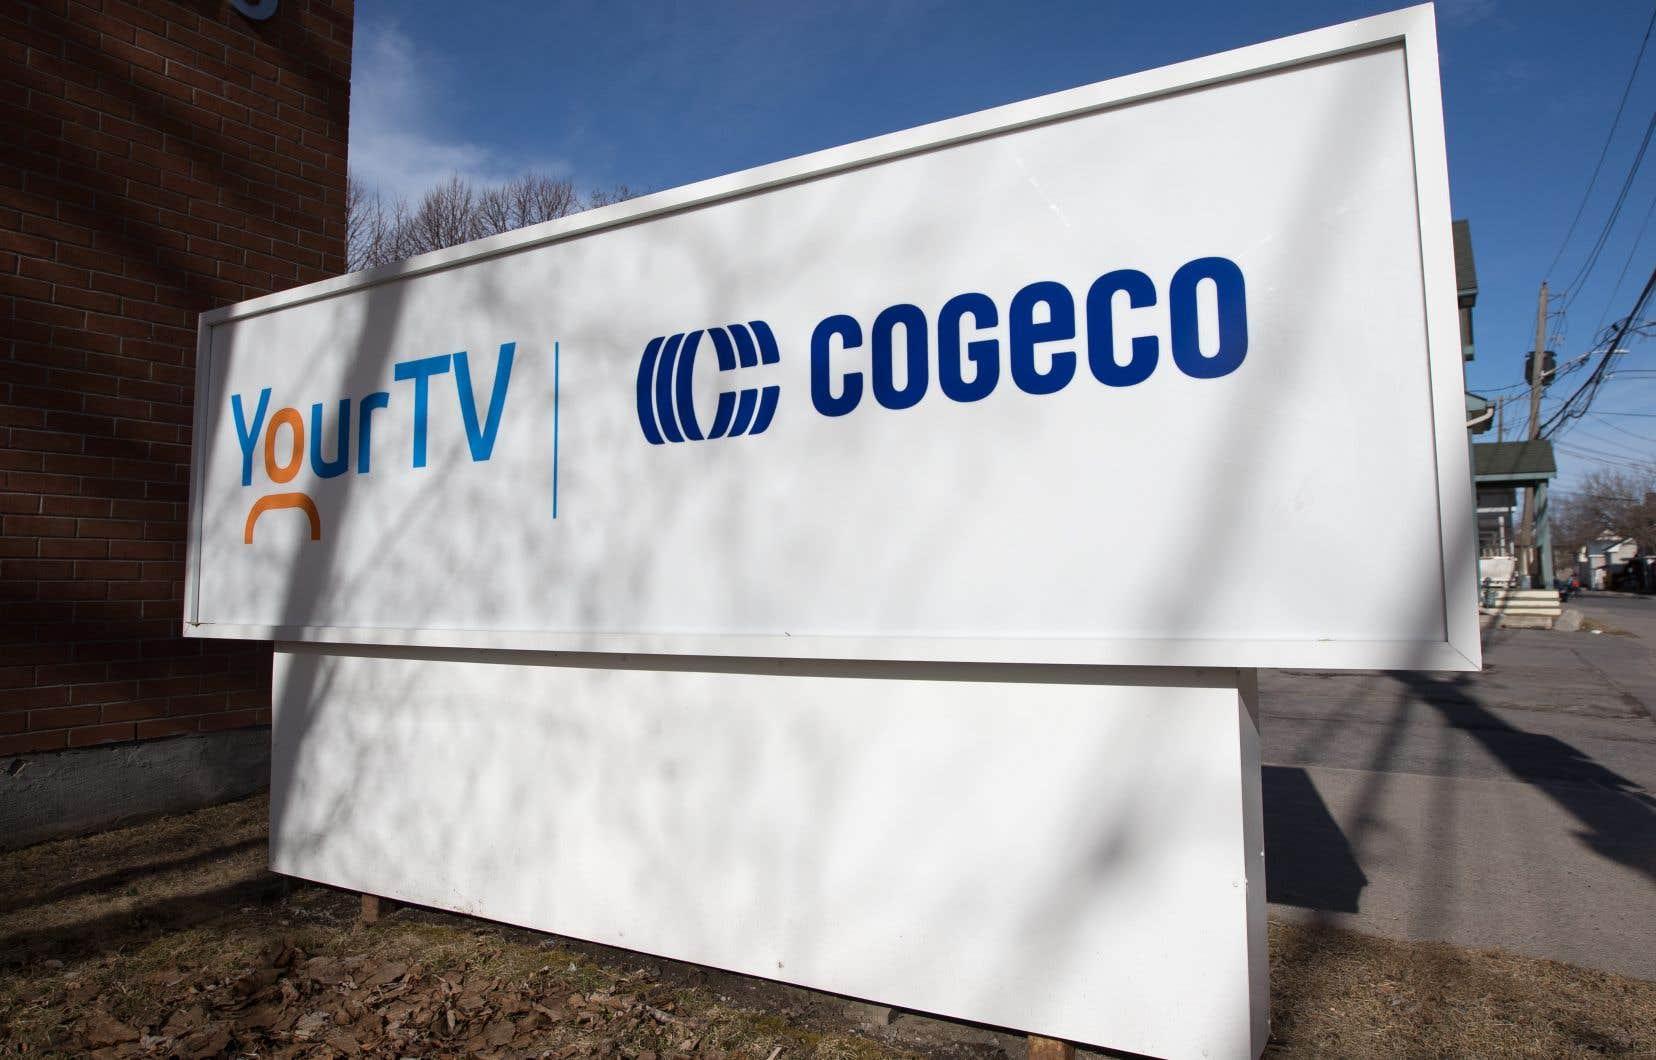 La mécanique de l'offre d'Altice USA et Rogers table sur un partage des actifs de Cogeco et de sa principale filiale.